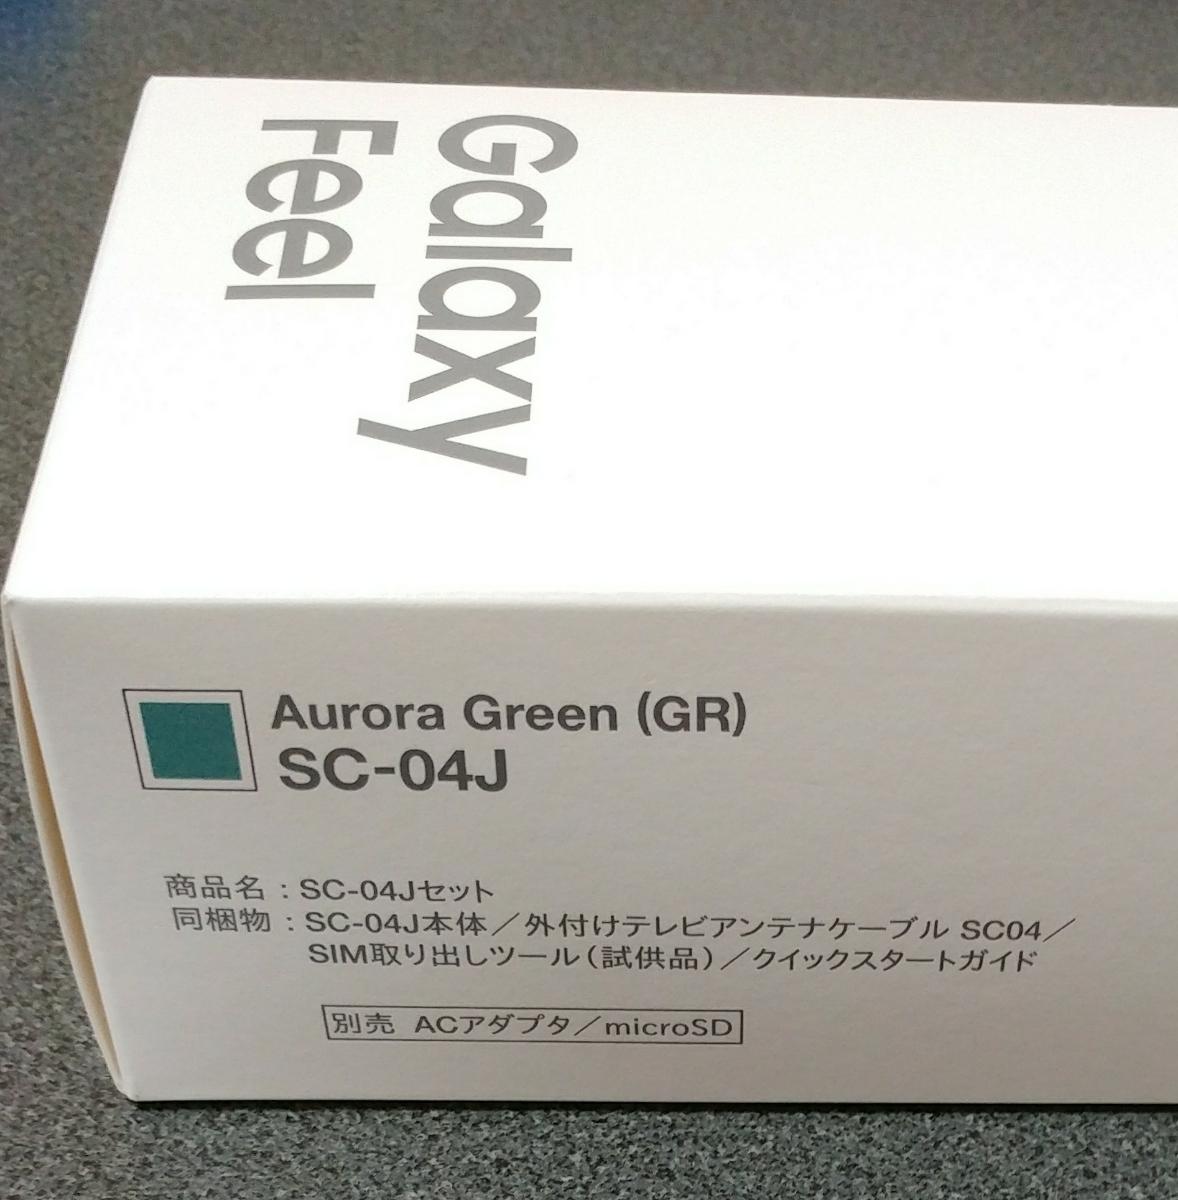 【美品】NTTドコモ Samsung Galaxy Feel SC-04J(Aurora Green)【SIMロック解除済】_画像4